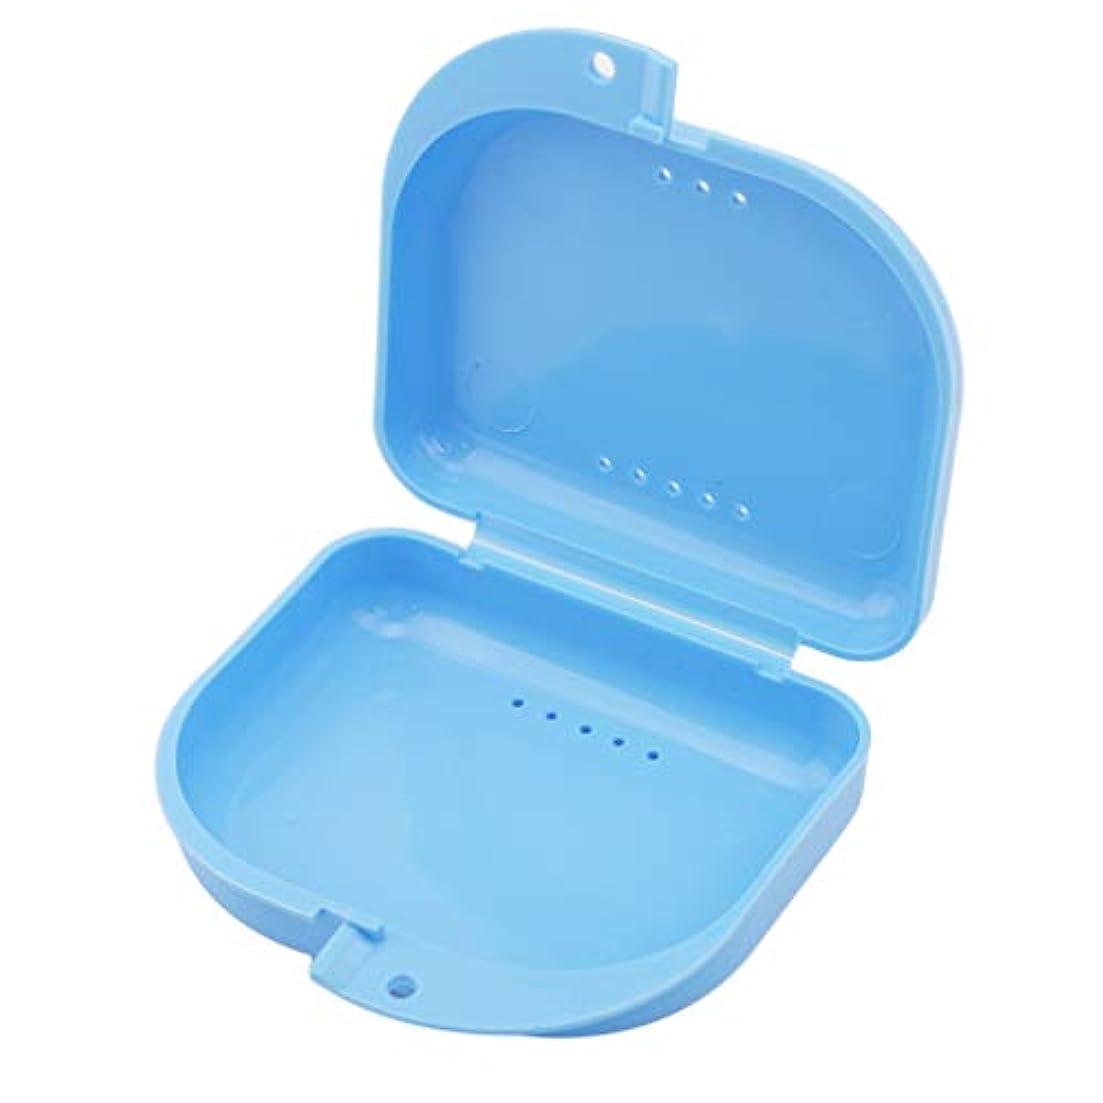 手のひら含む蒸発するBEE&BLUE 義歯ケース 義歯収納 義歯ボックス 義歯収納ケース 入れ歯のポケット 義歯収納容器 ミニ